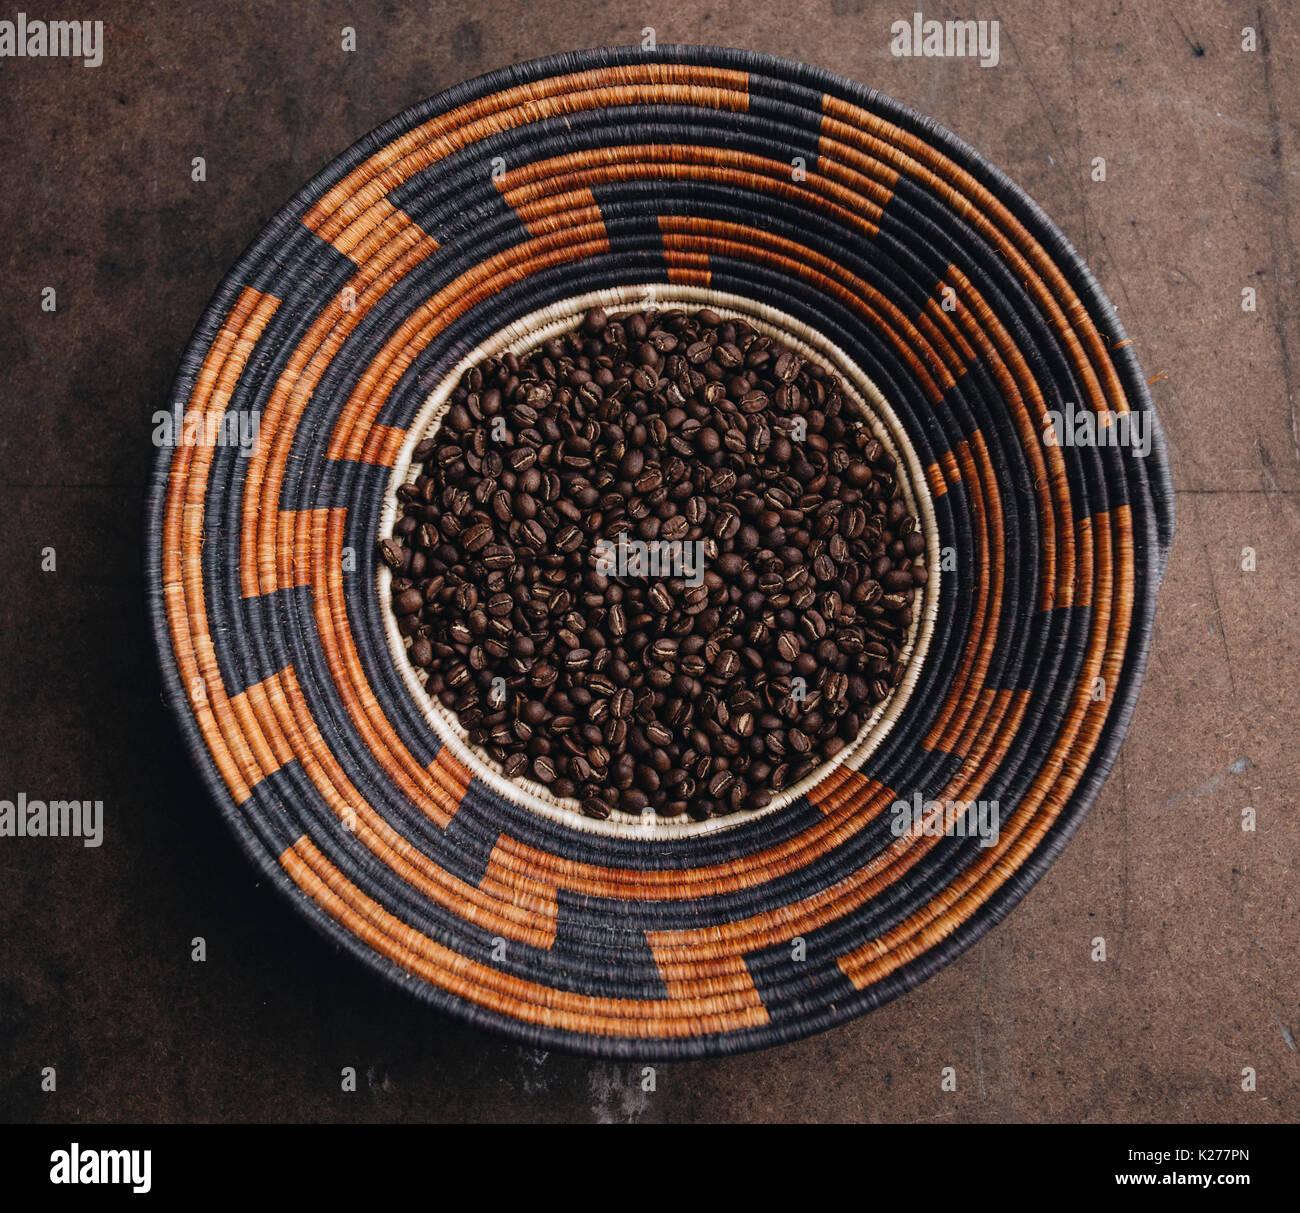 Kaffee, geröstet, in einem geflochtenen Korb Stockbild